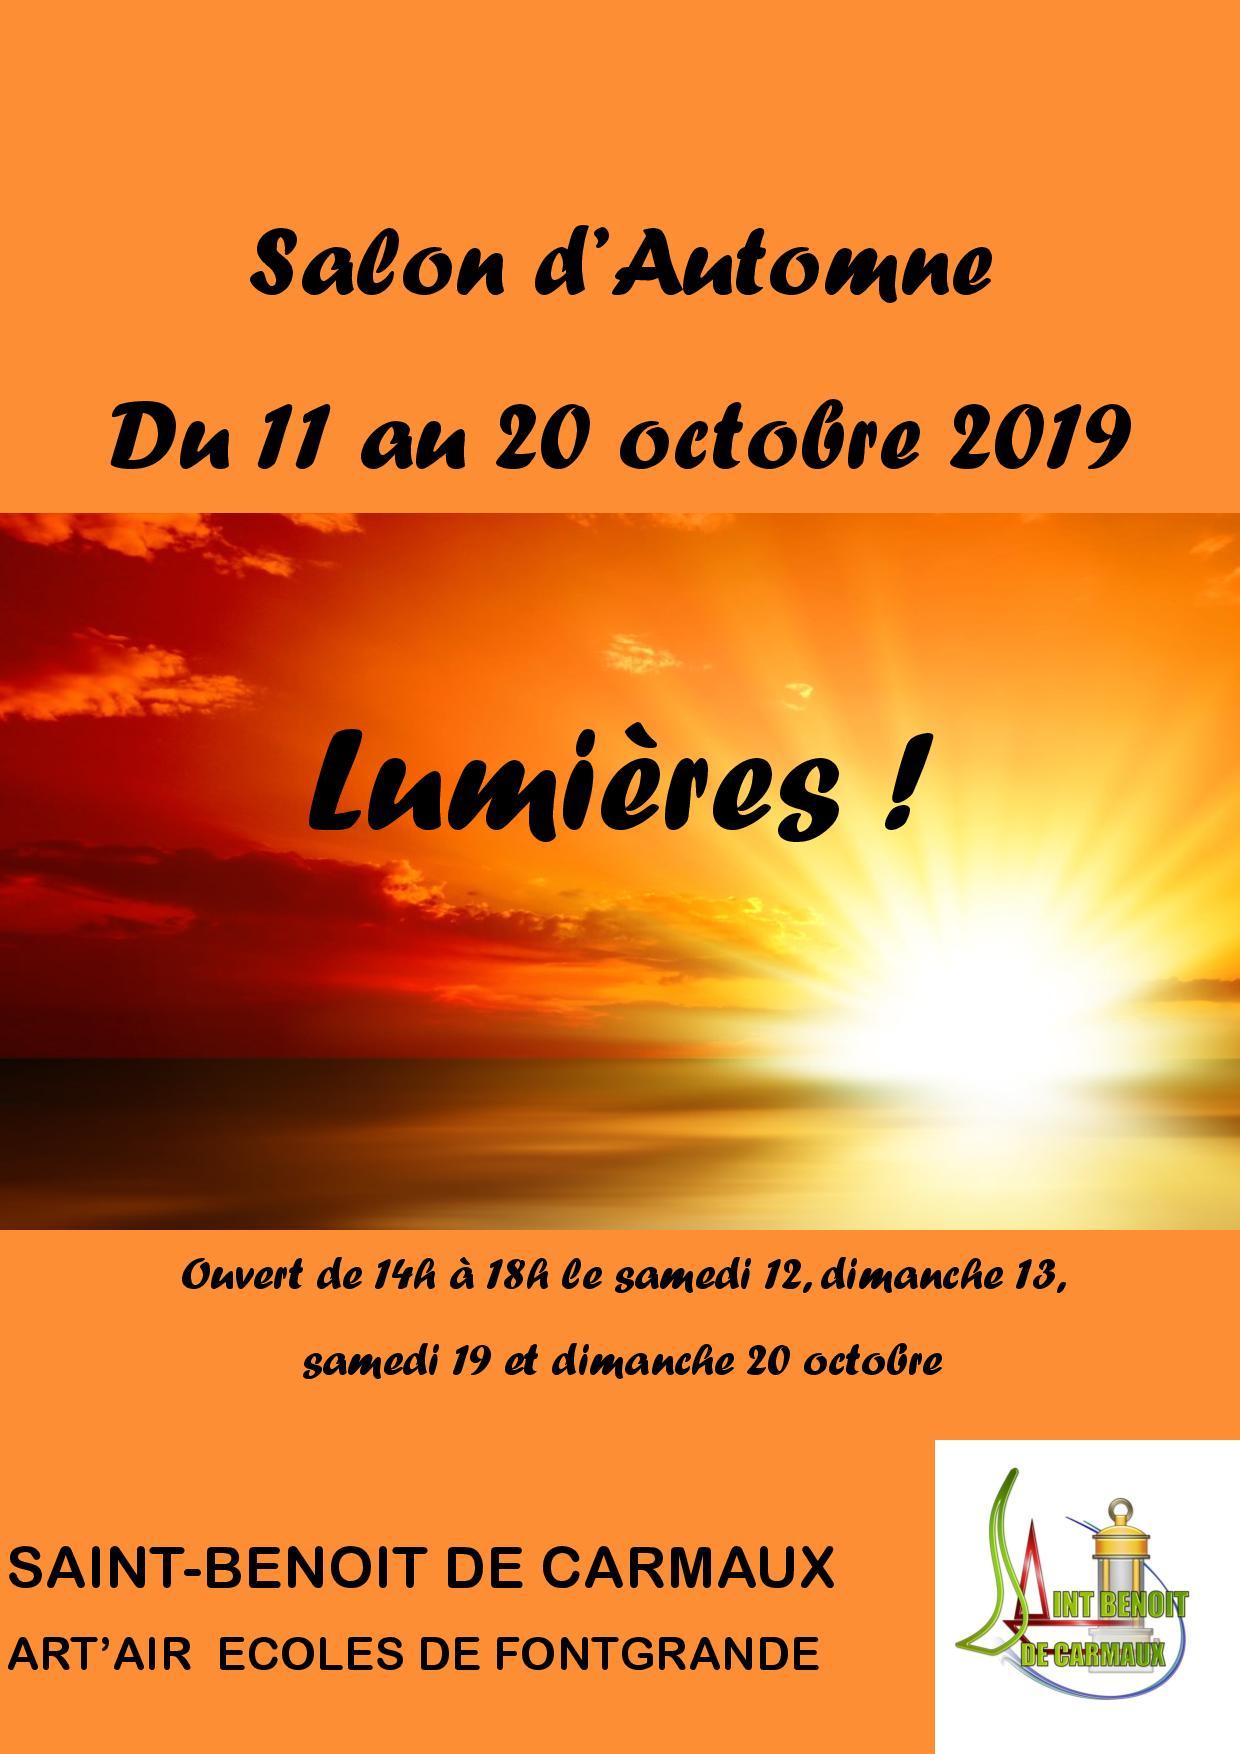 Salon d Automne 2019 affiche.jpg